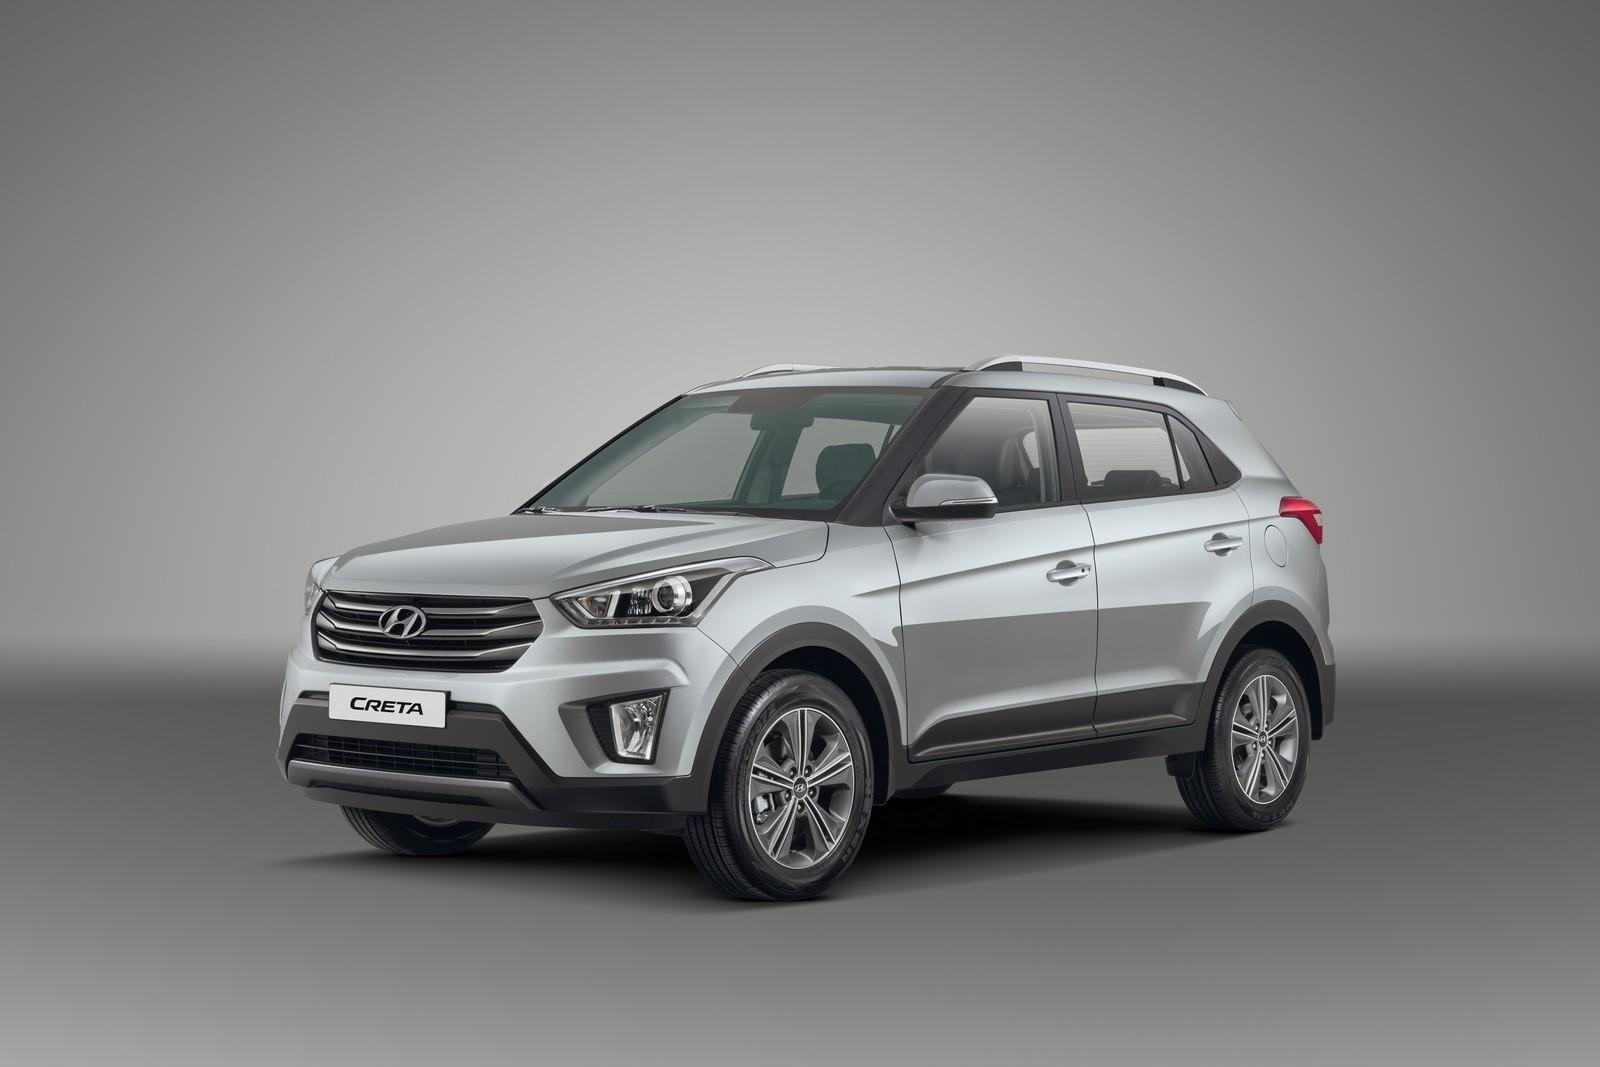 Российские цены на кроссовер Hyundai Creta: от 749 тысяч до 1,139 млн рублей